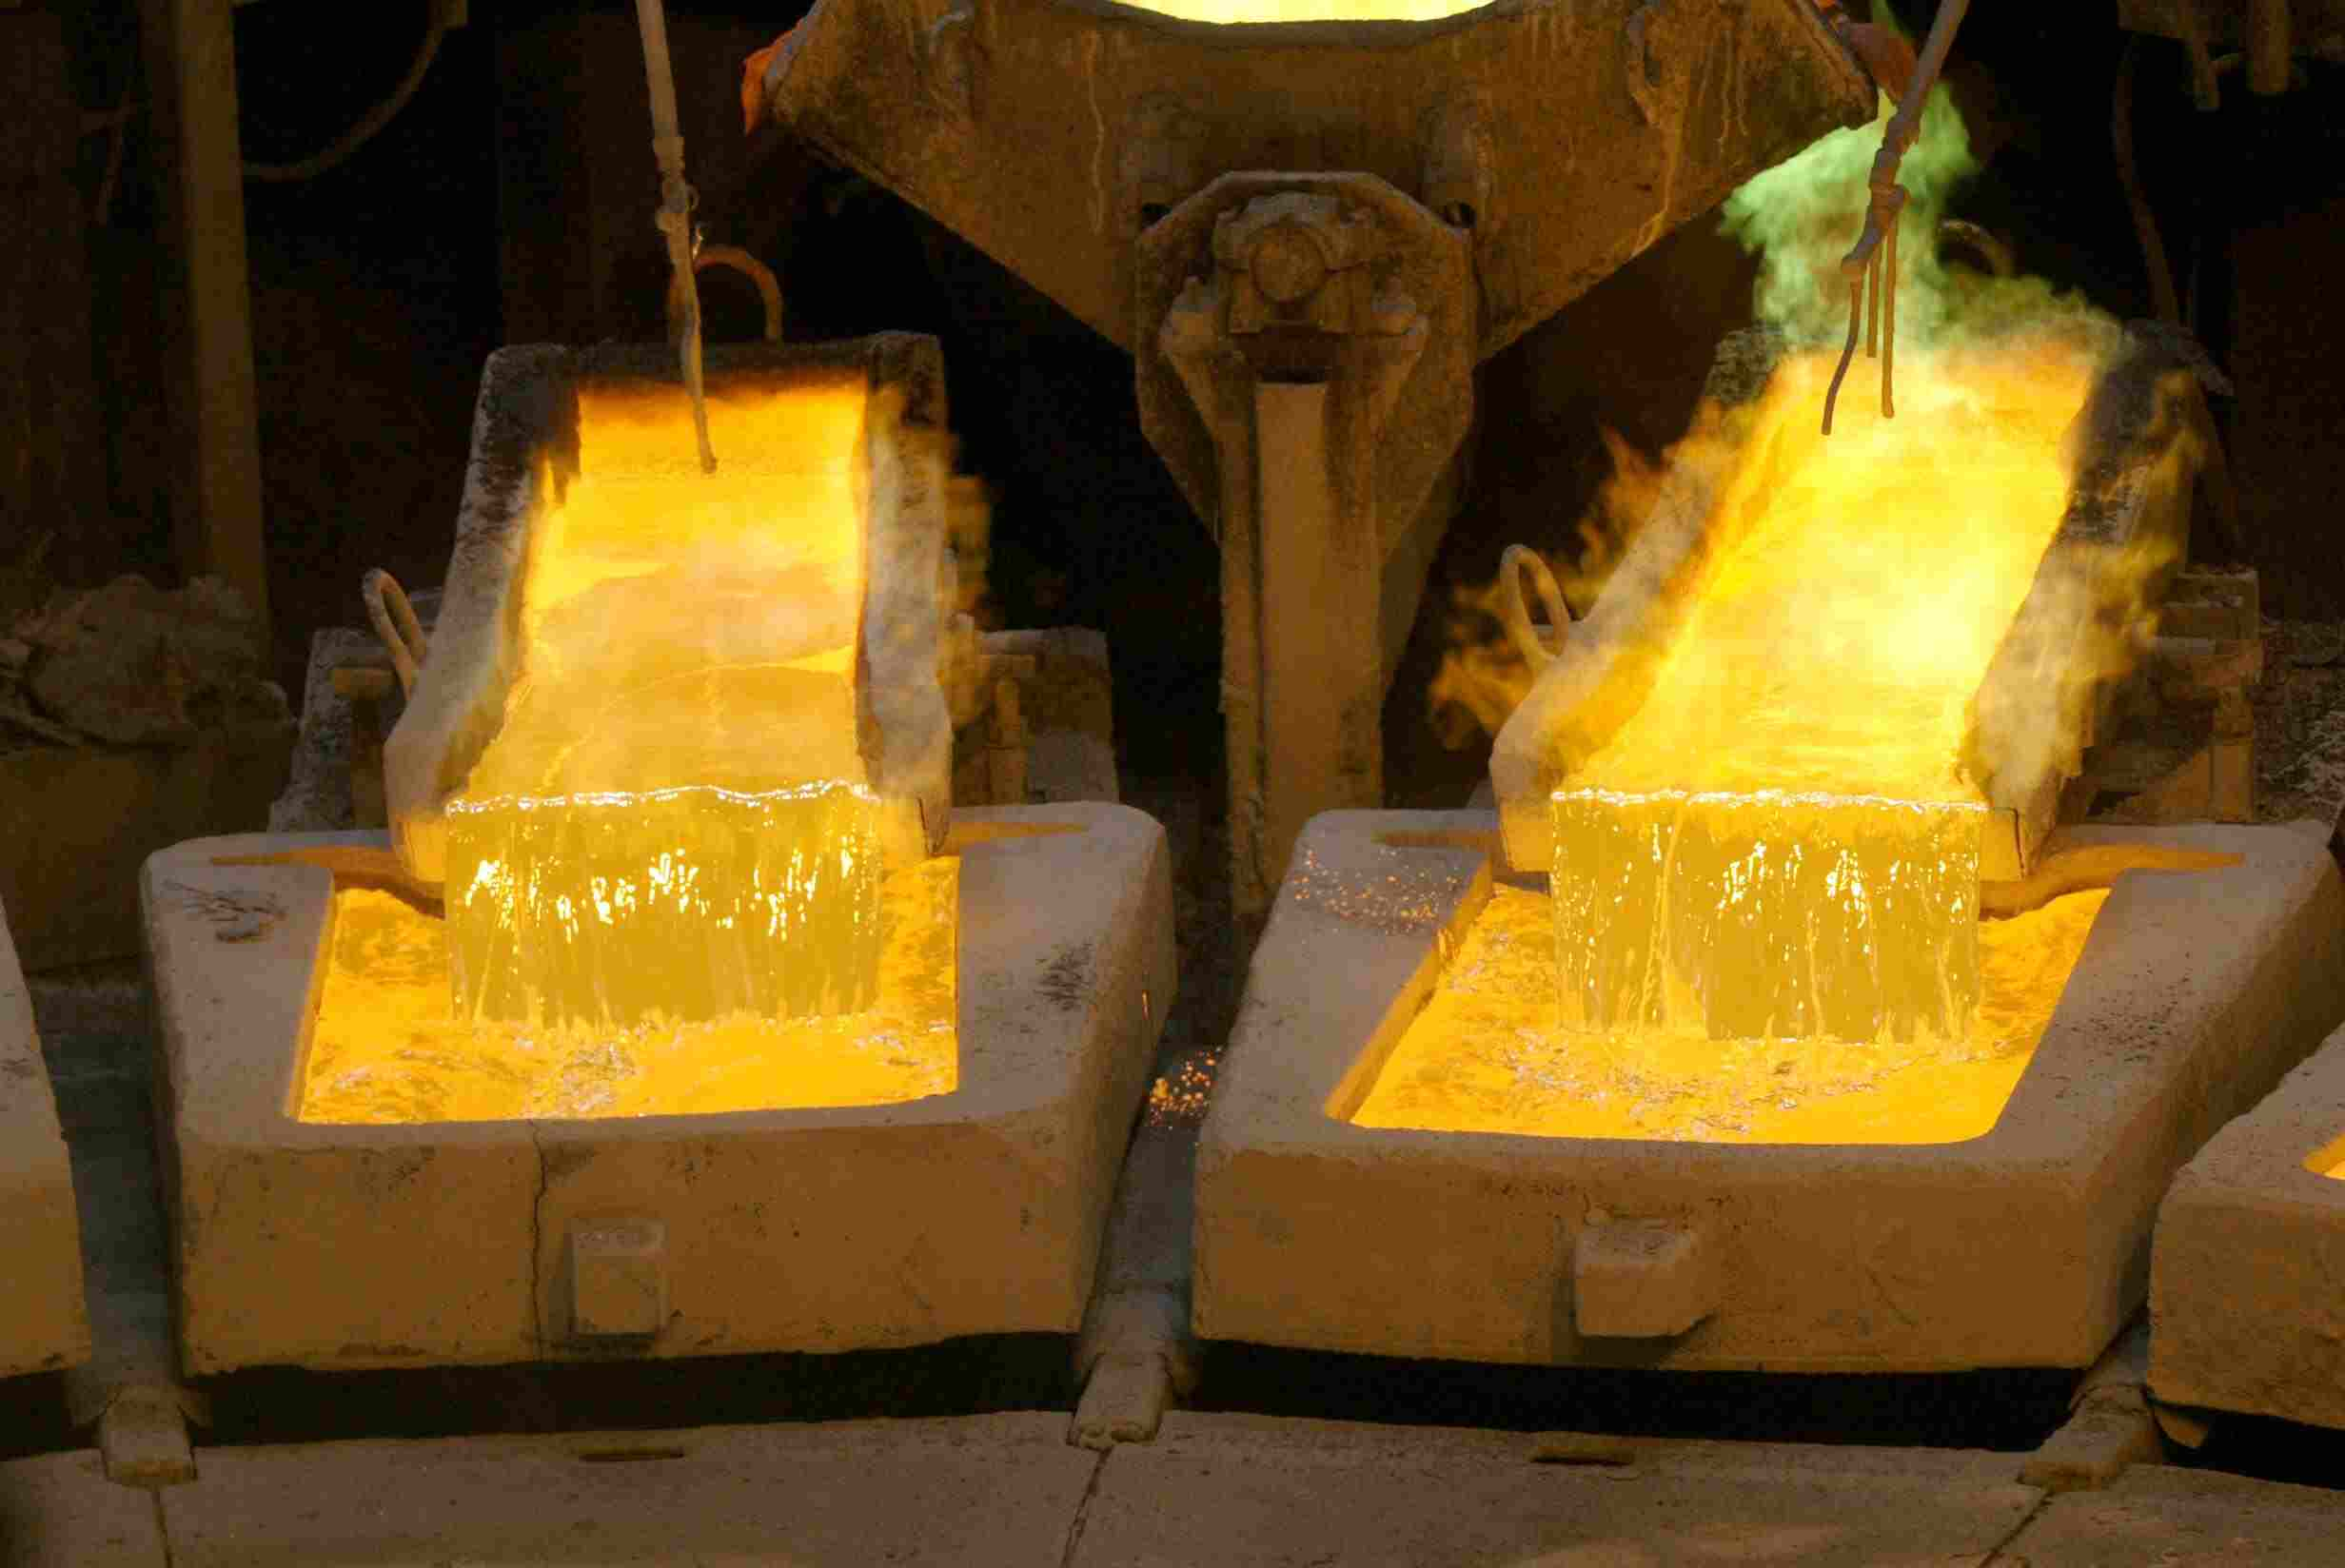 Asuntos corporativos de júniors: Canada Rare Earth, Golden Arrow, Riverside